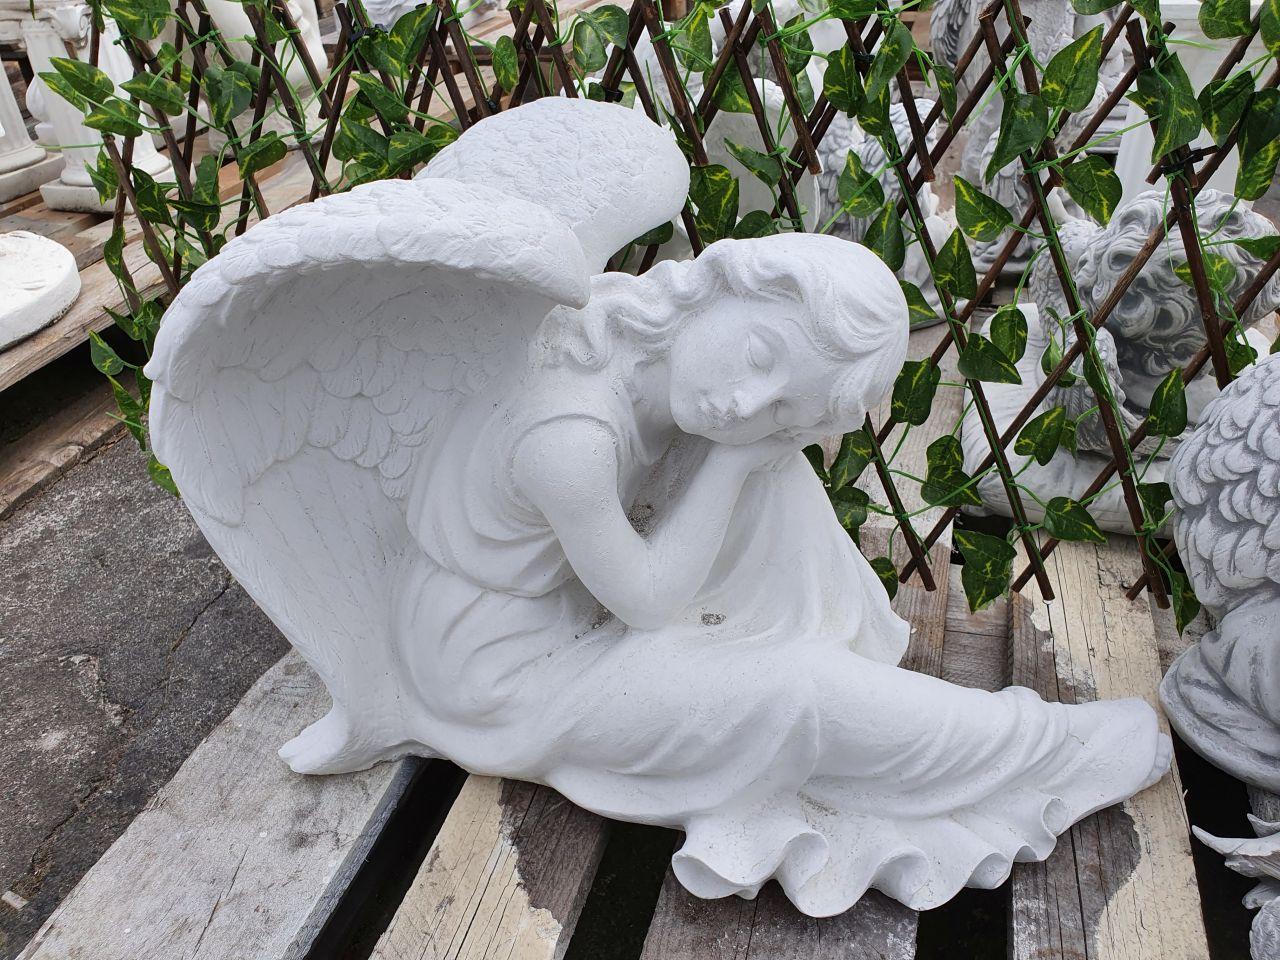 Gartenfigur Engel an Knie angelehnt- weiss